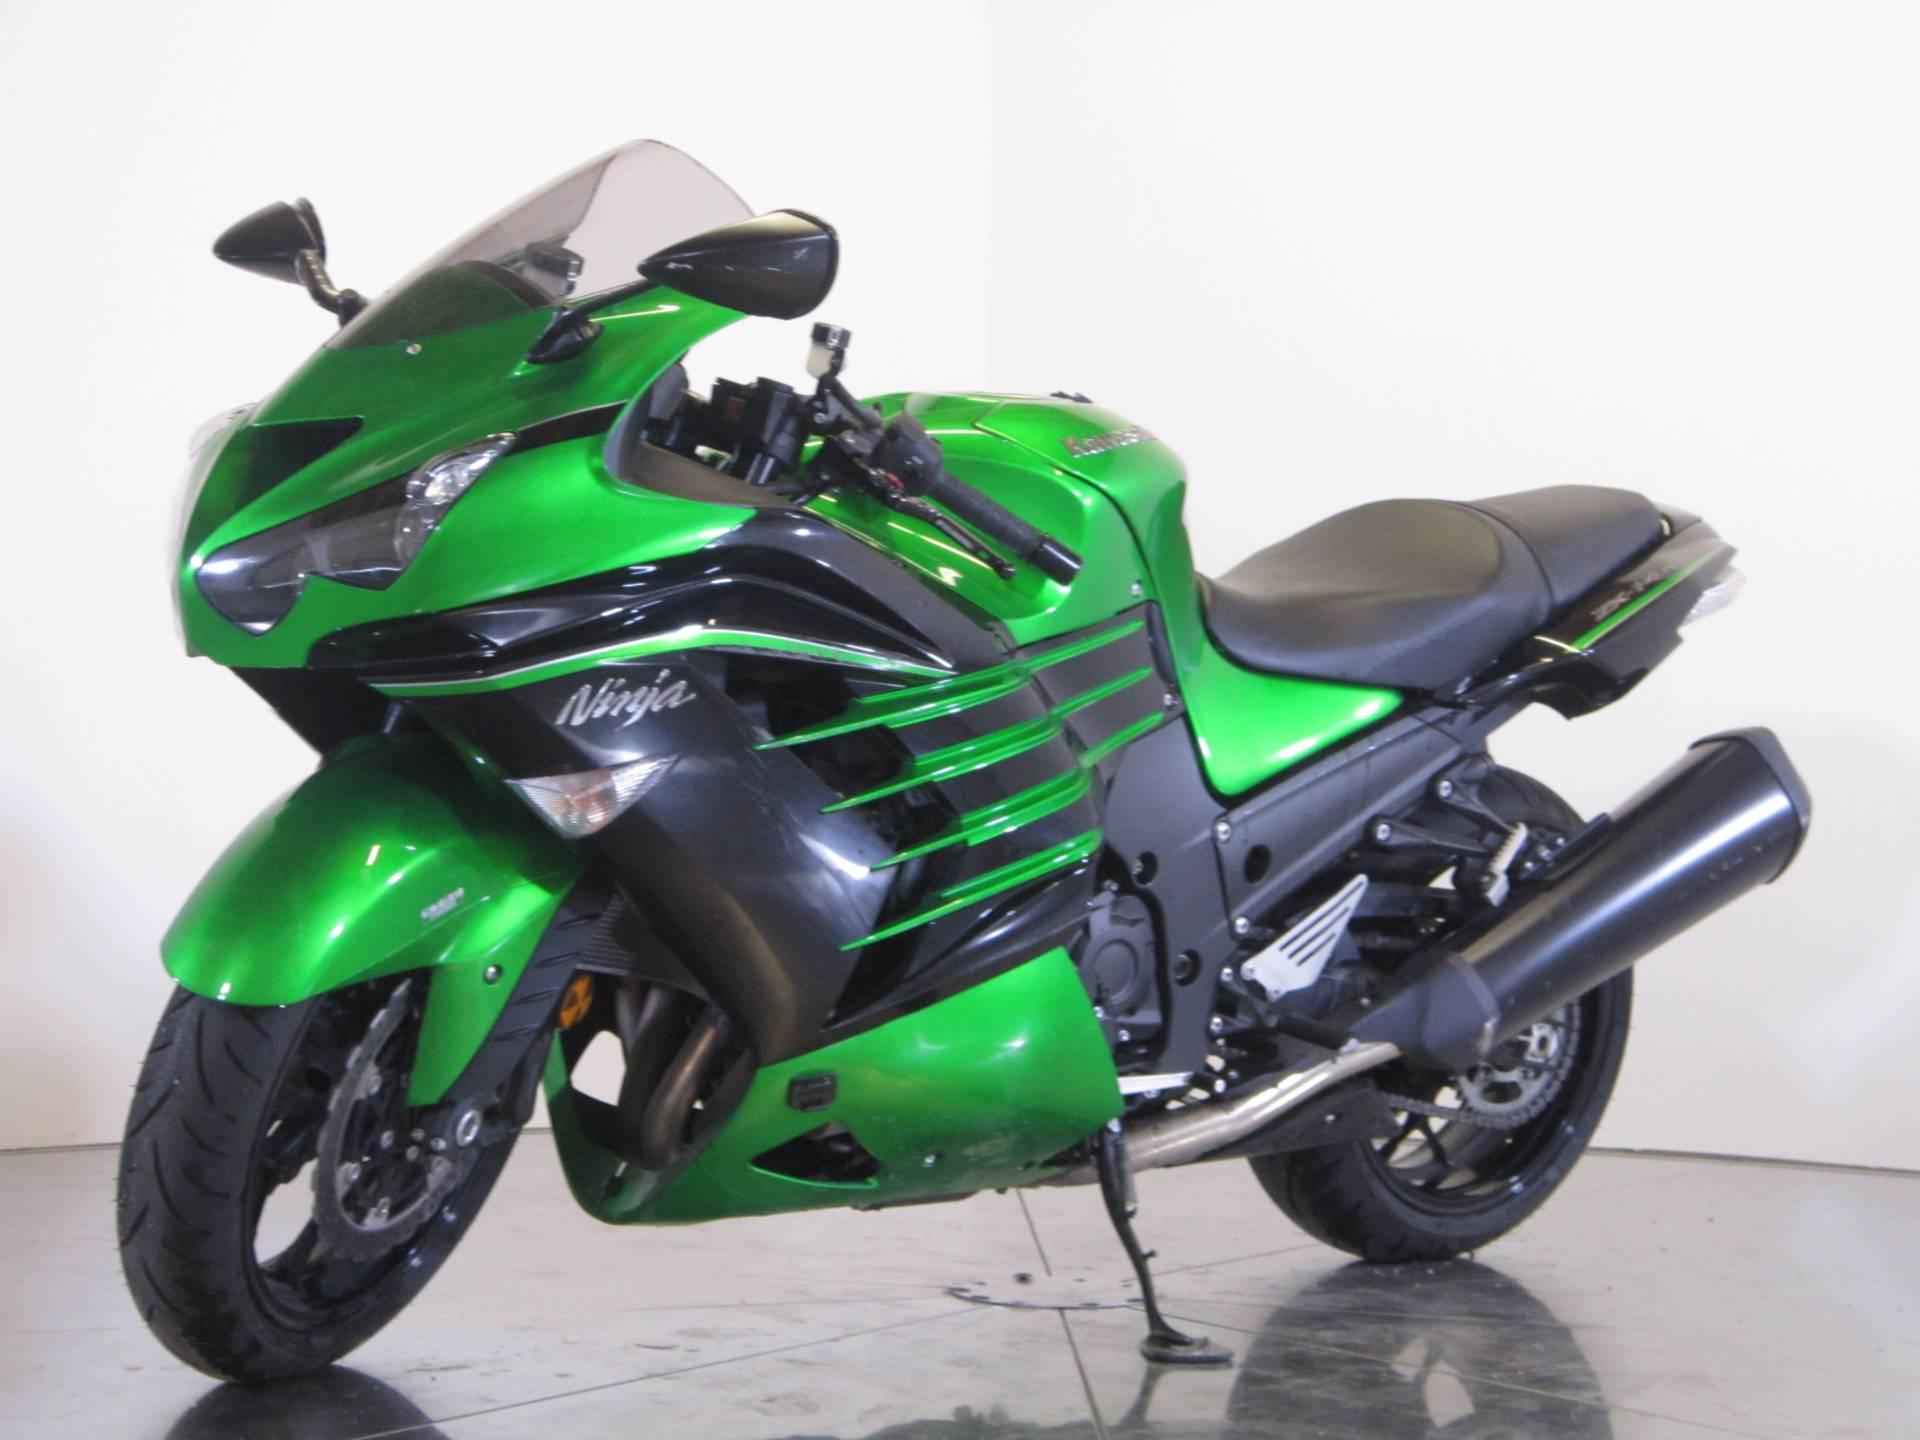 2015 Kawasaki Ninja ZX-14R ABS 4